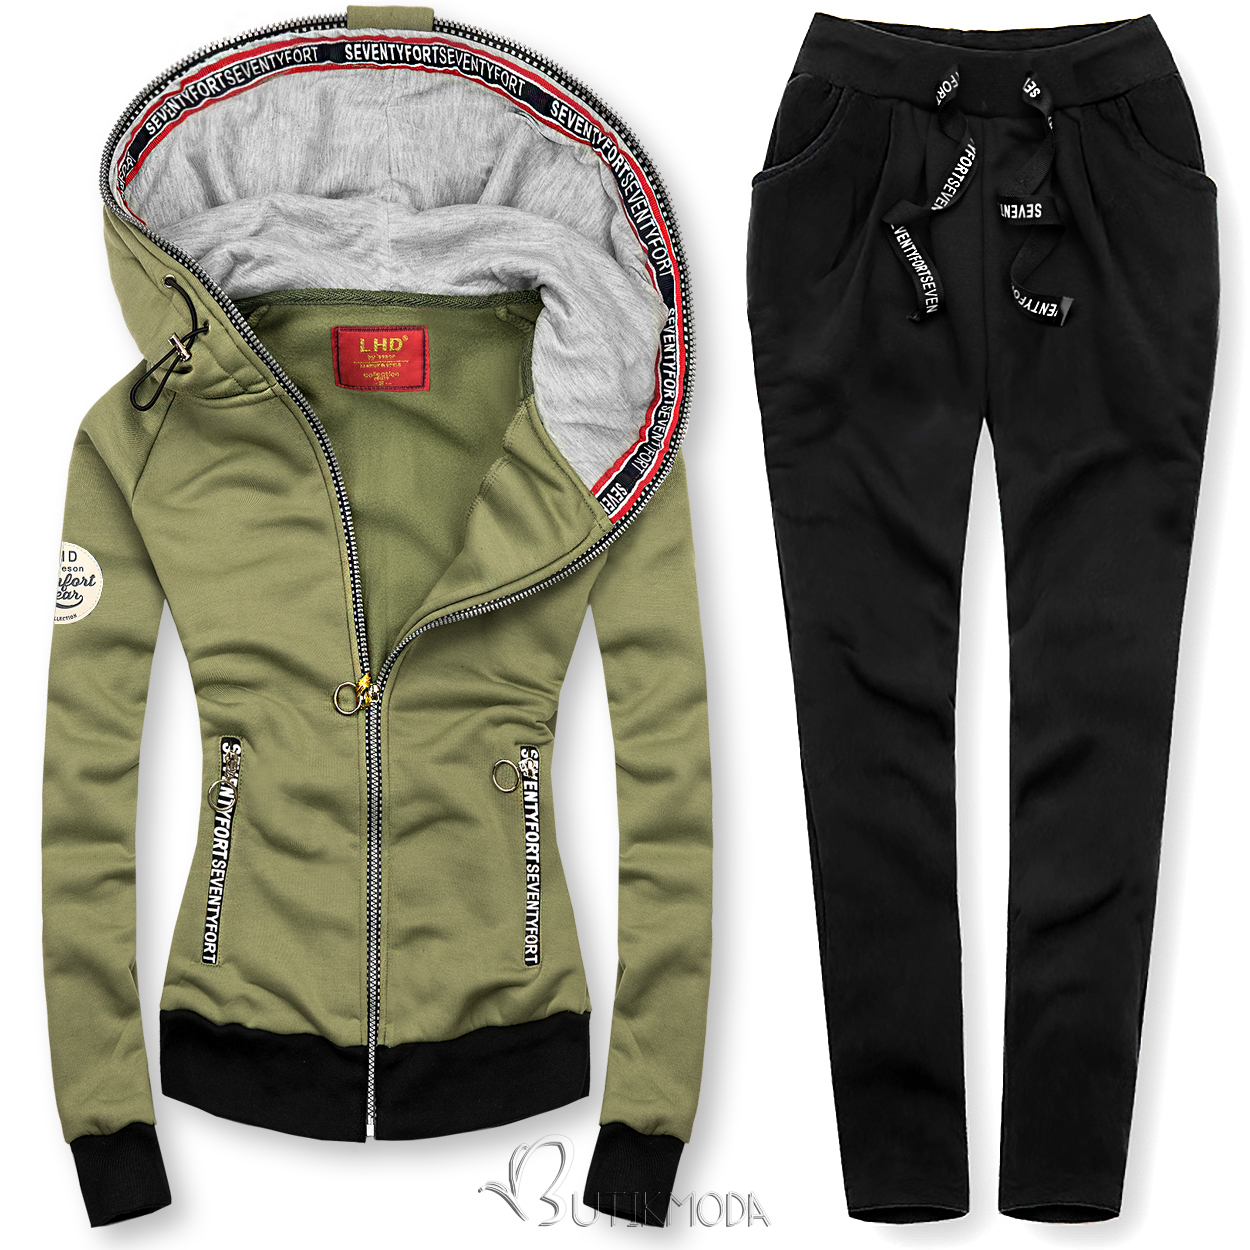 Kapucnis melegítő szett - khaki és fekete színű